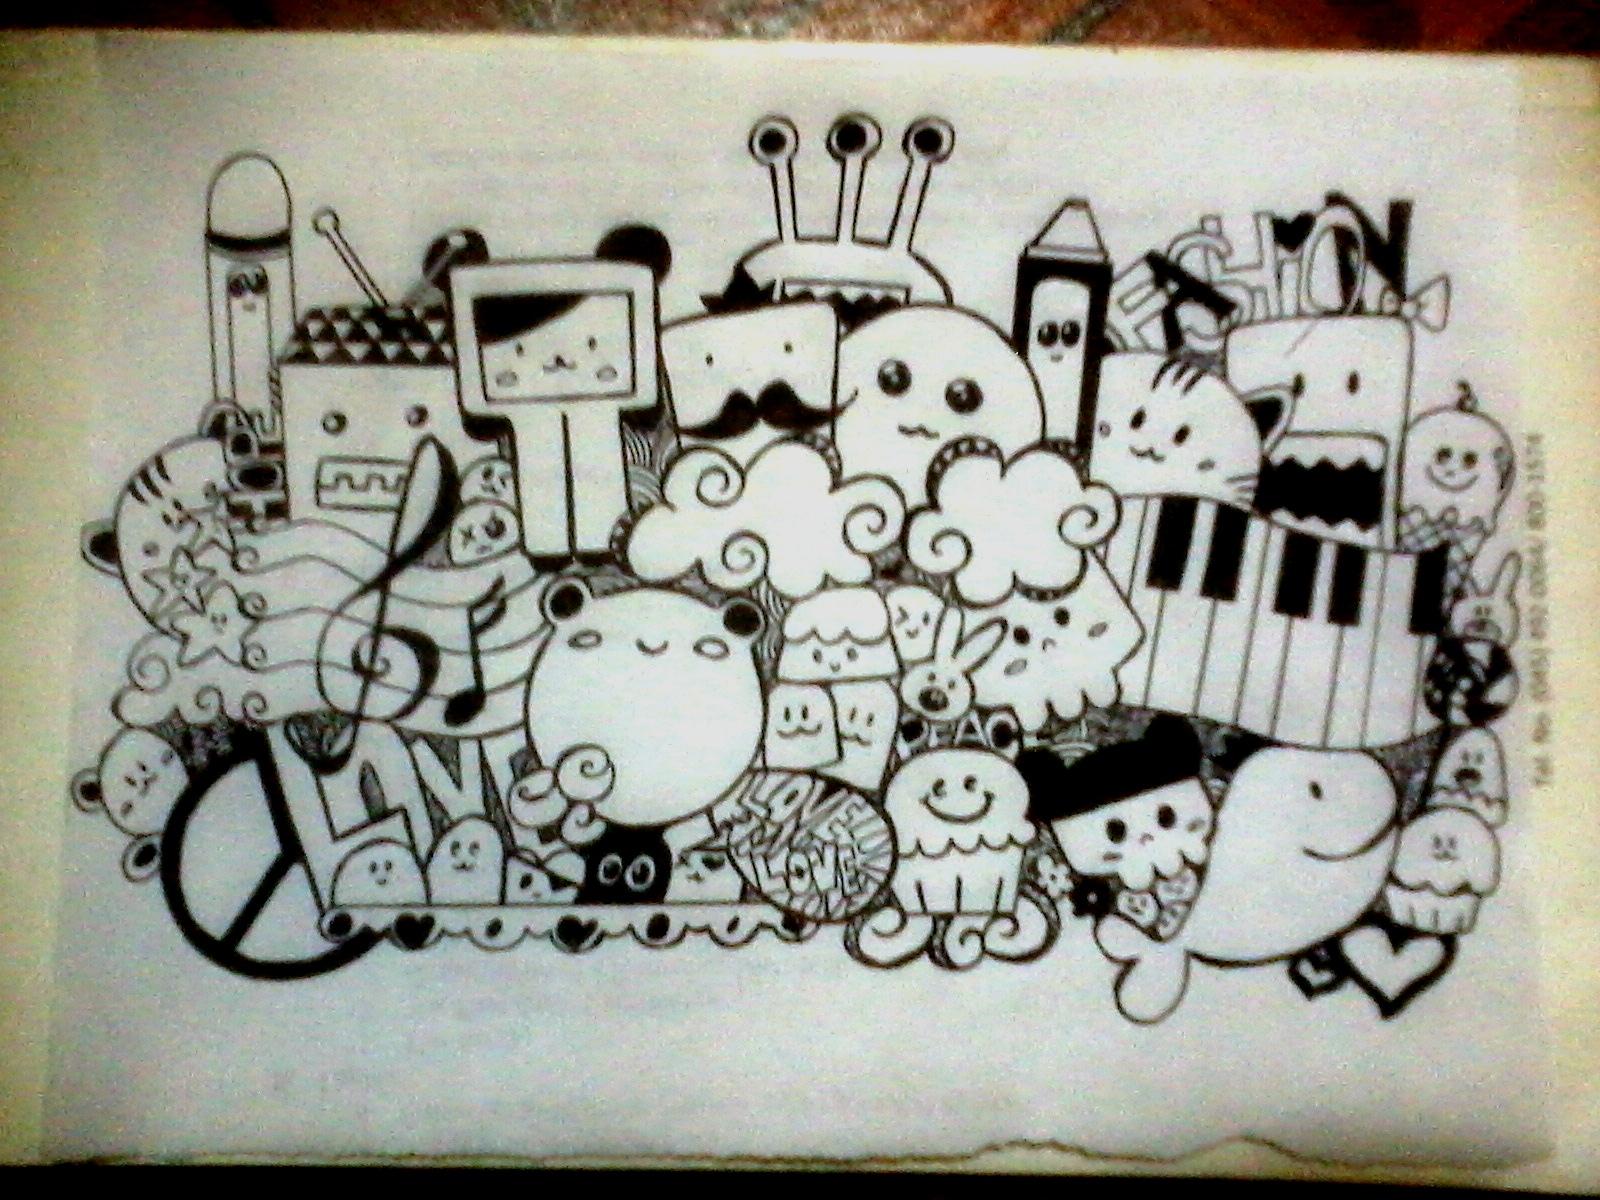 Doodle S: ZAJO BLOGS: Doodle Art